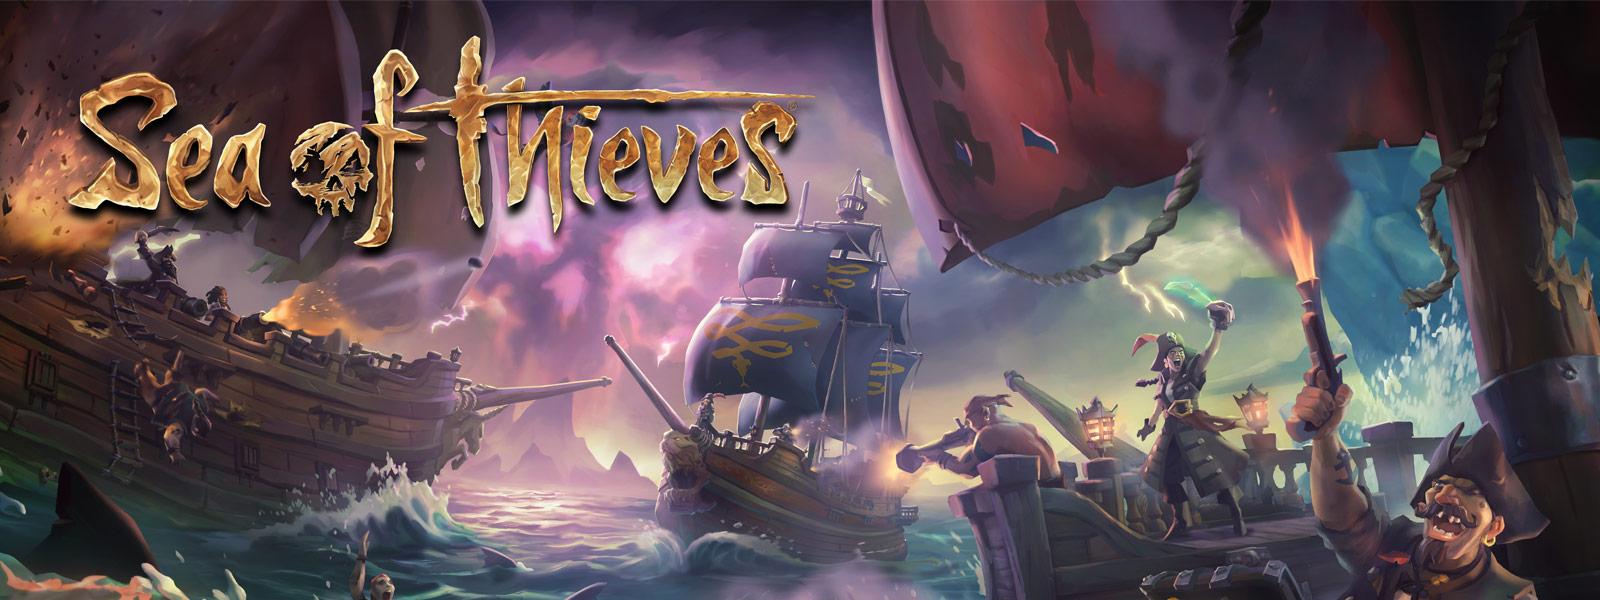 Sea of Thieves – Strid på öppet hav mellan skepp. Ett skepp skjuter mot andra skepp.